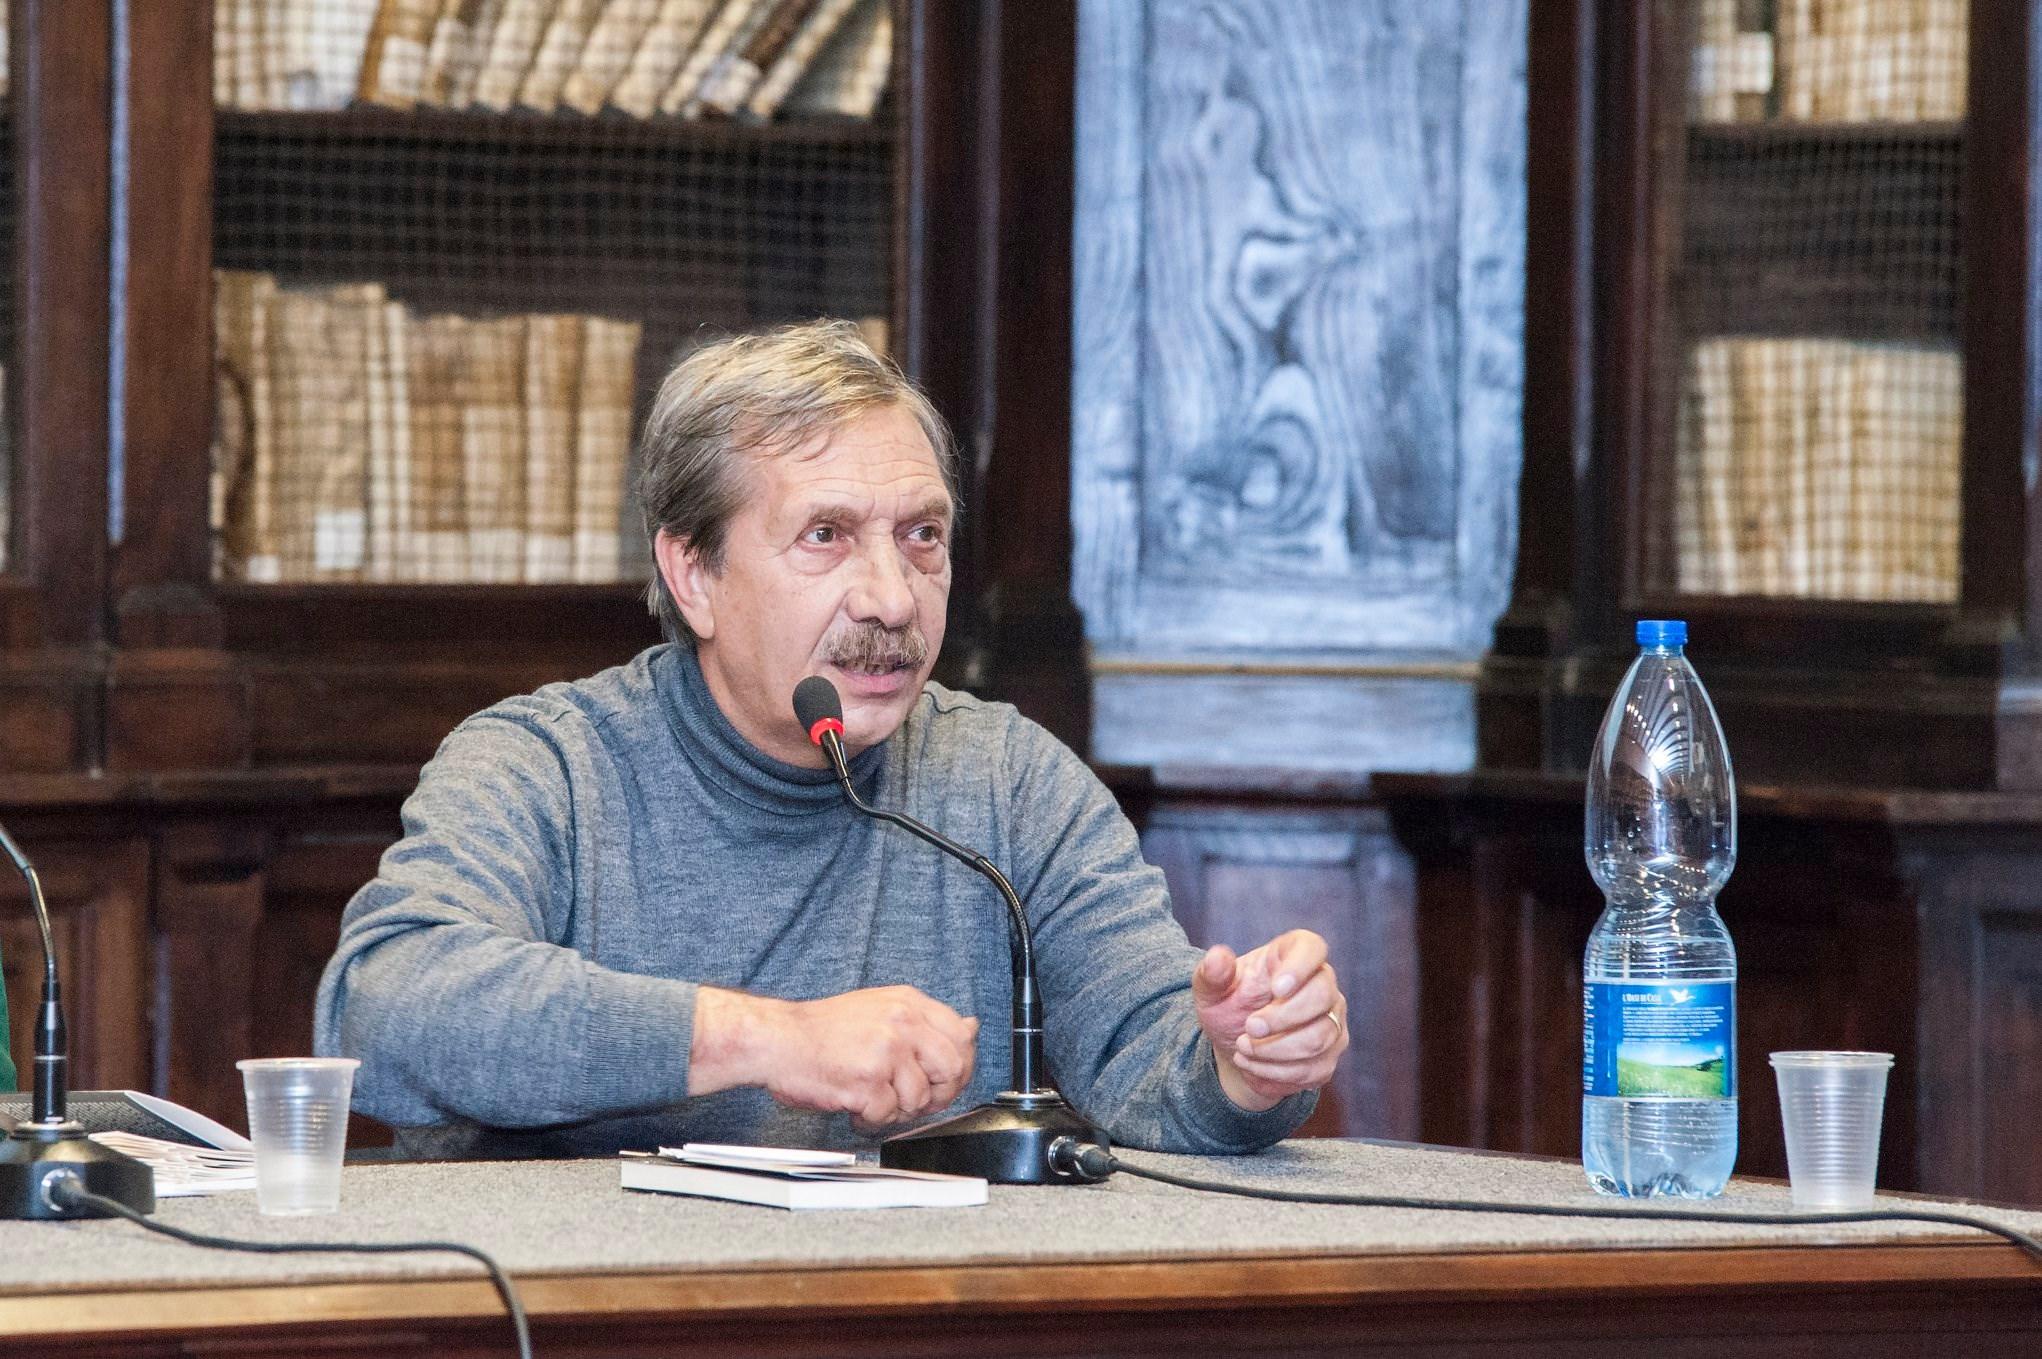 Napoli, ci lascia il filosofo Ernesto Paolozzi - Cronachedi